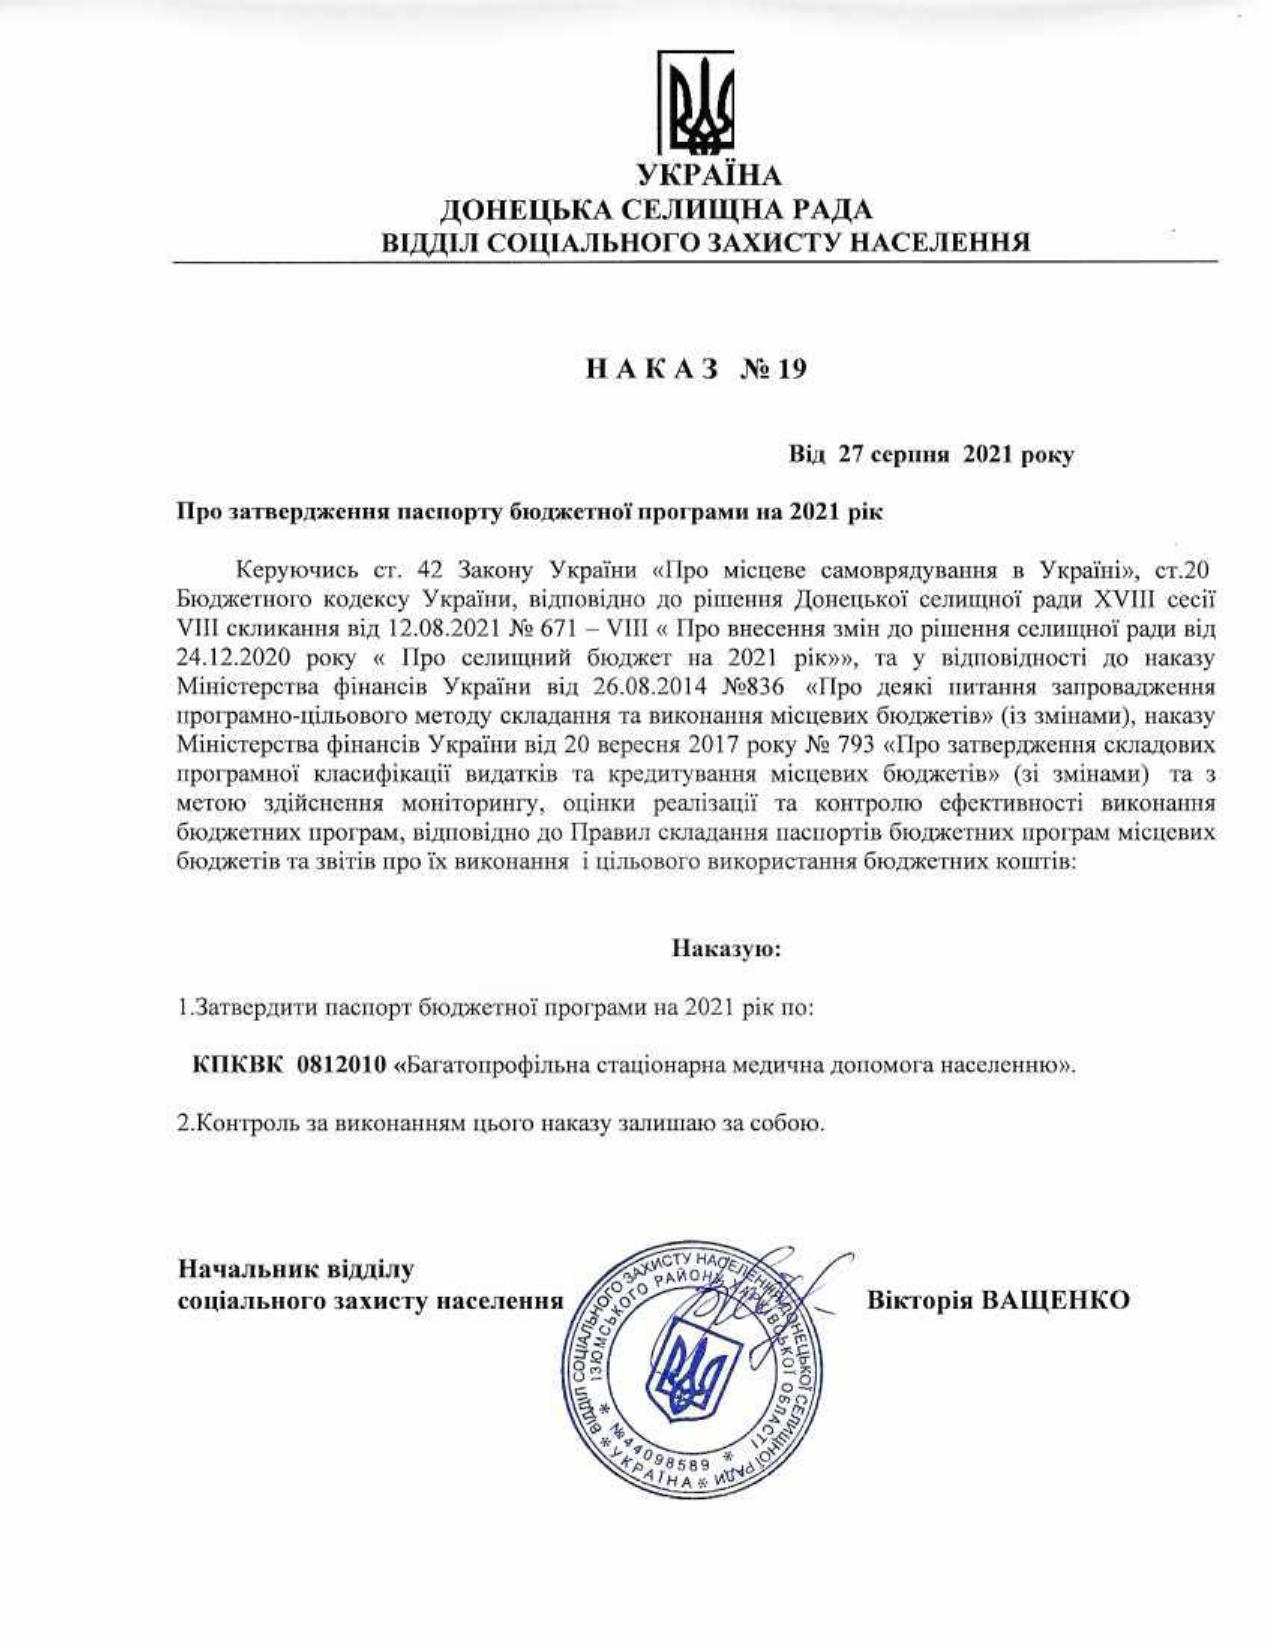 Наказ №19 Про внесення змін до паспорту бюджетних програм на 2021 рік та Паспорт